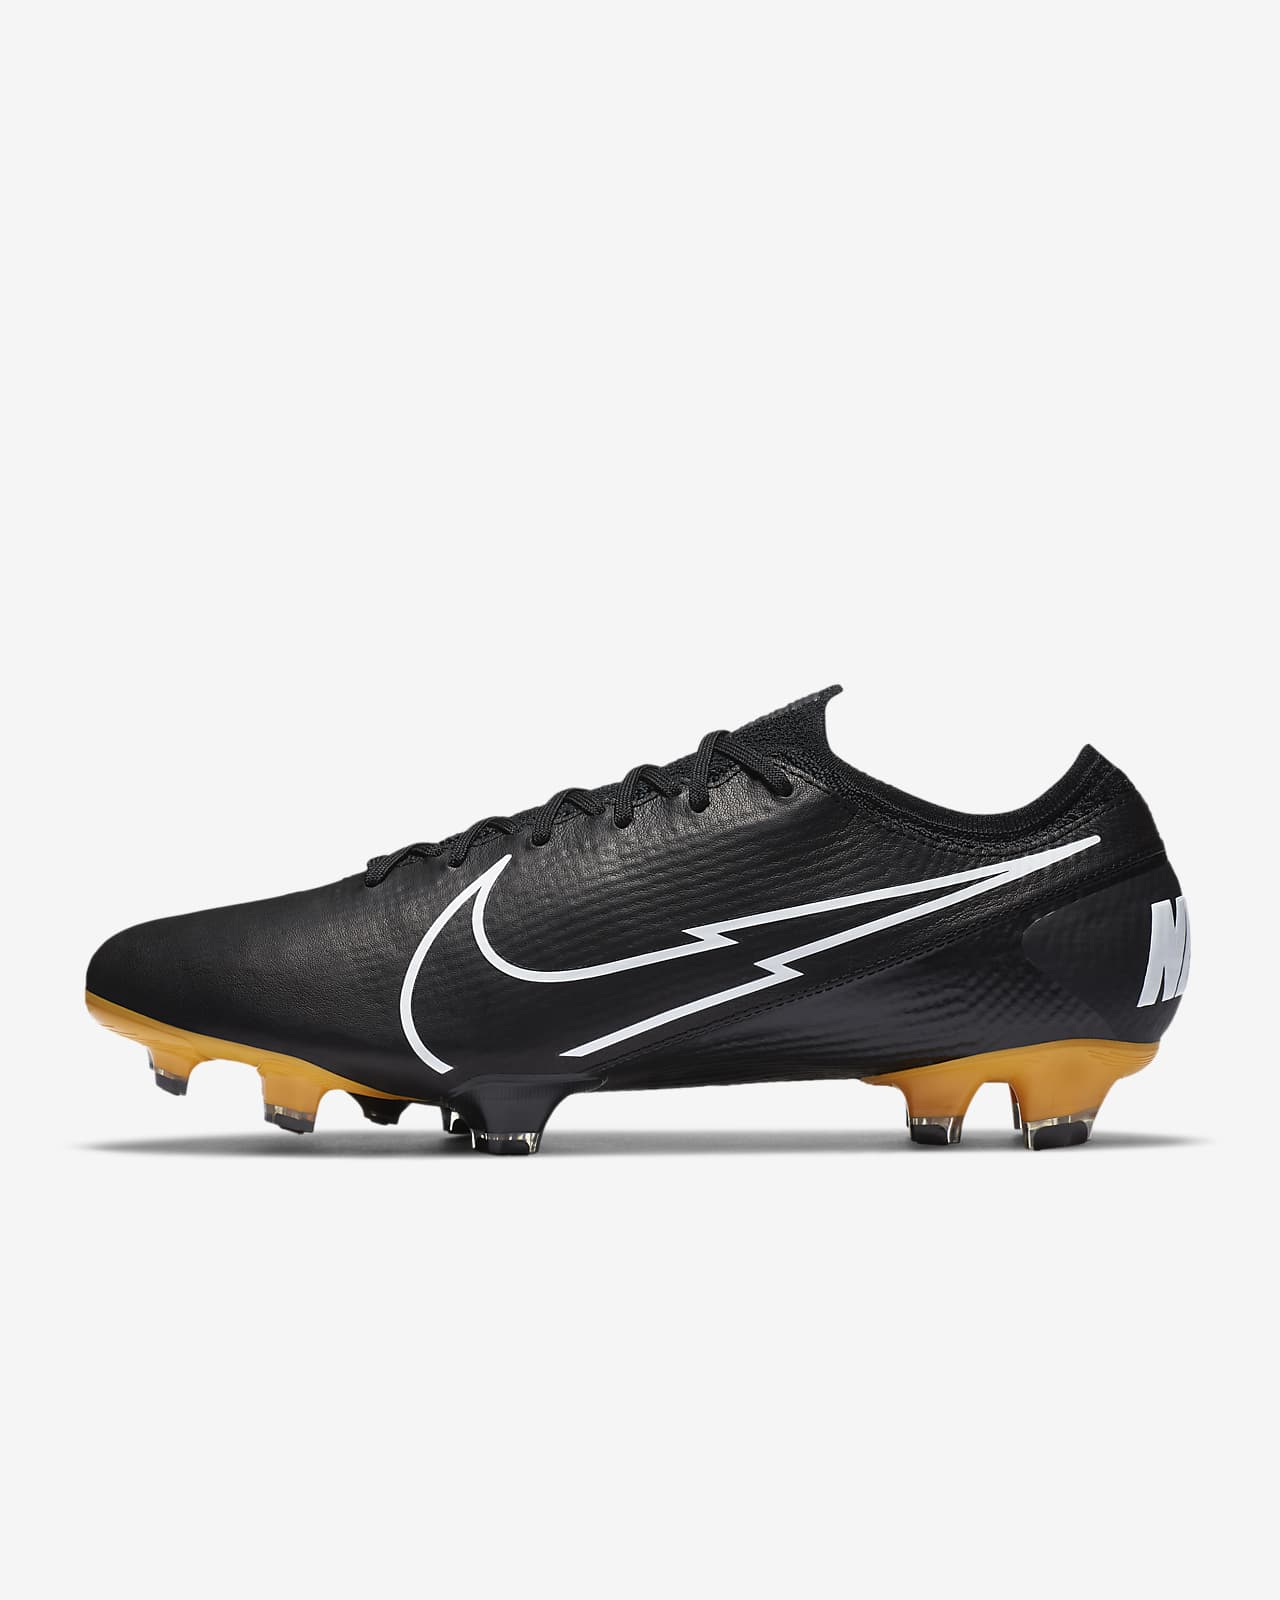 Fotbollssko för gräs Nike Mercurial Vapor 13 Elite Tech Craft FG